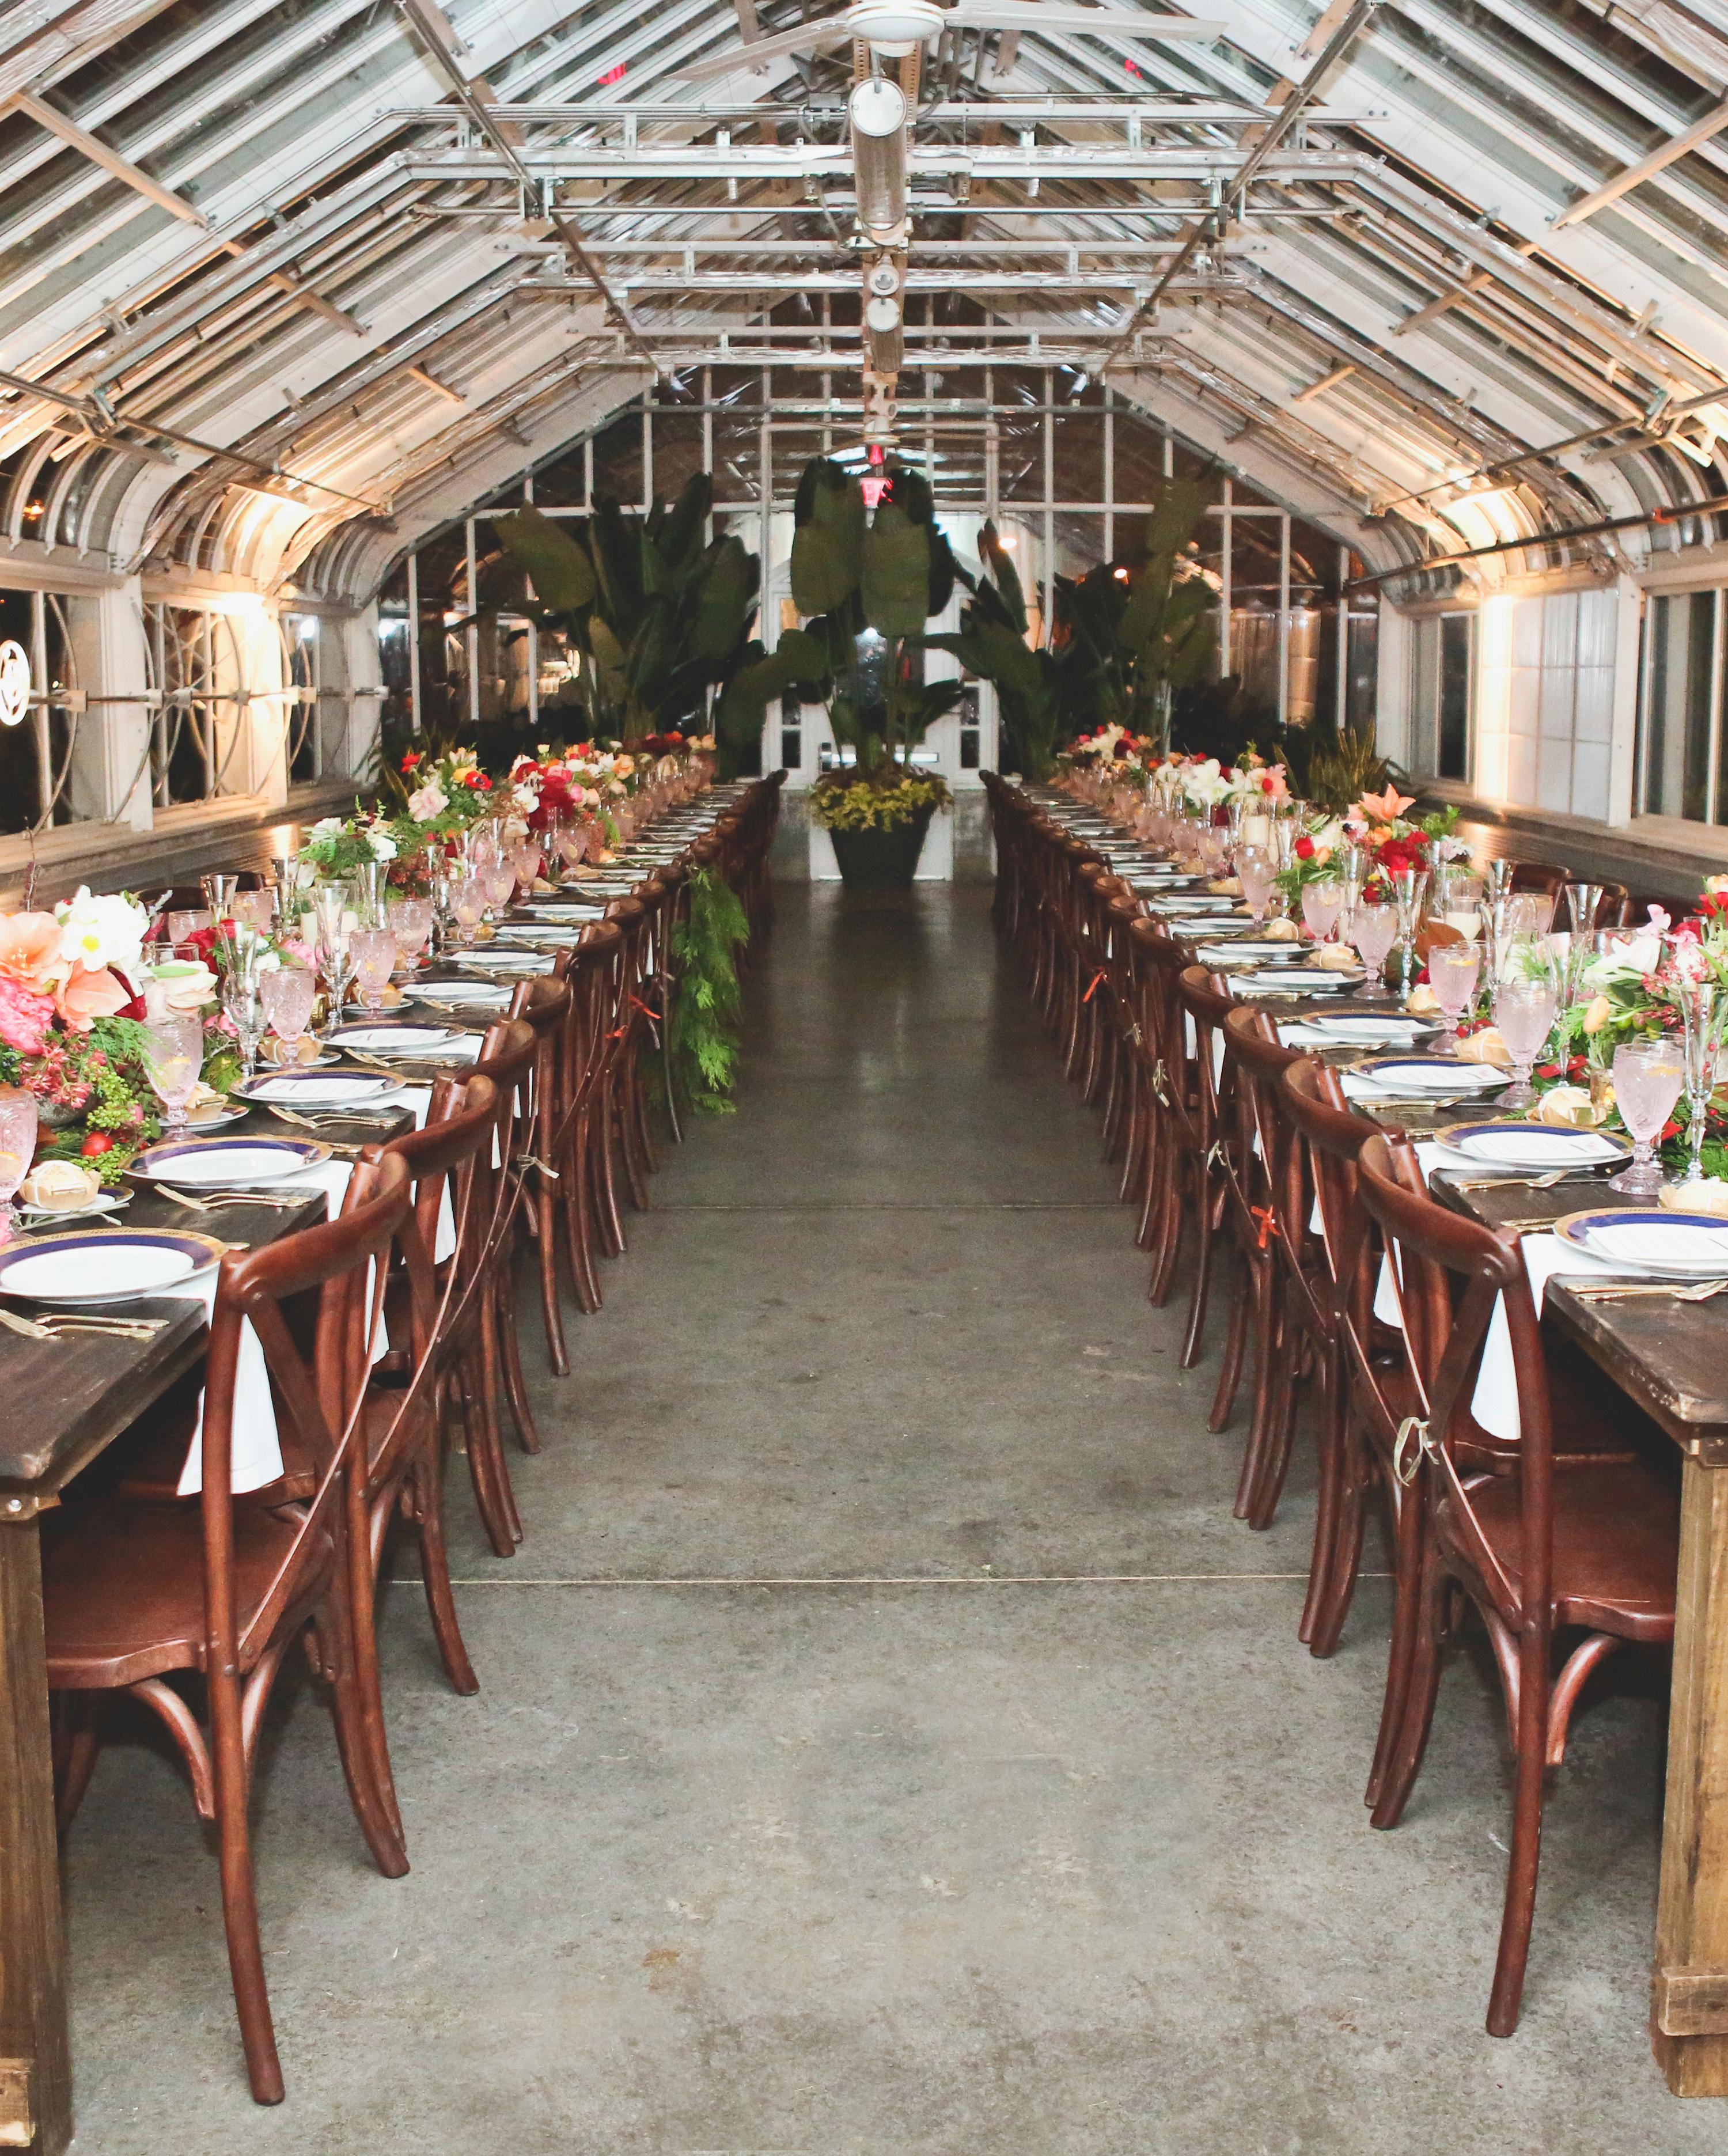 jessie-justin-wedding-reception-65-s112135-0915.jpg